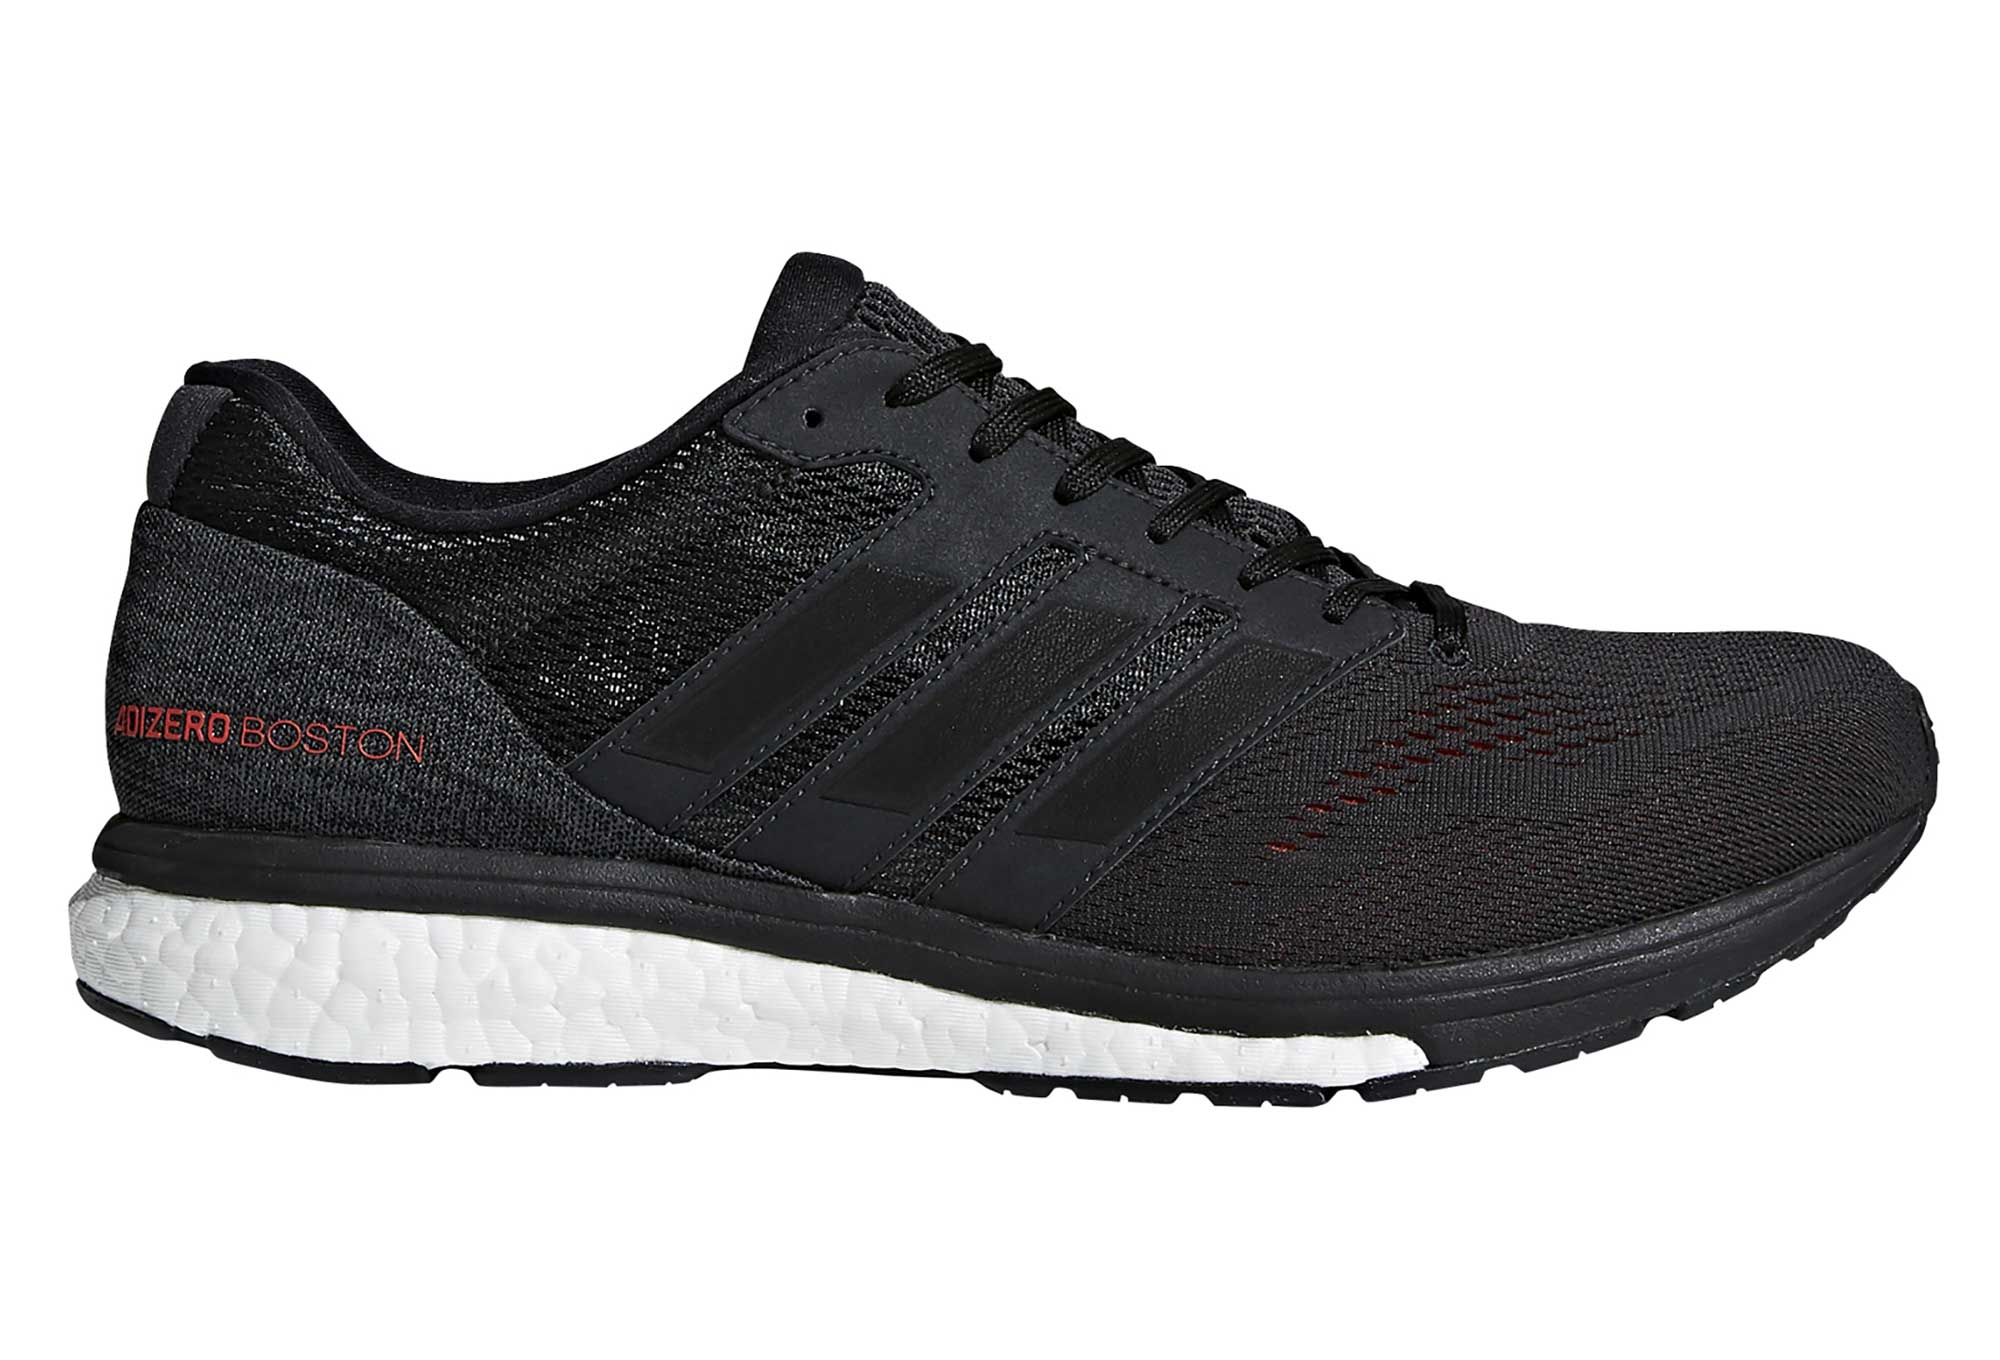 pretty nice e1838 9de3d Chaussures de Running adidas running adizero Boston 7 Gris  Noir  Rouge